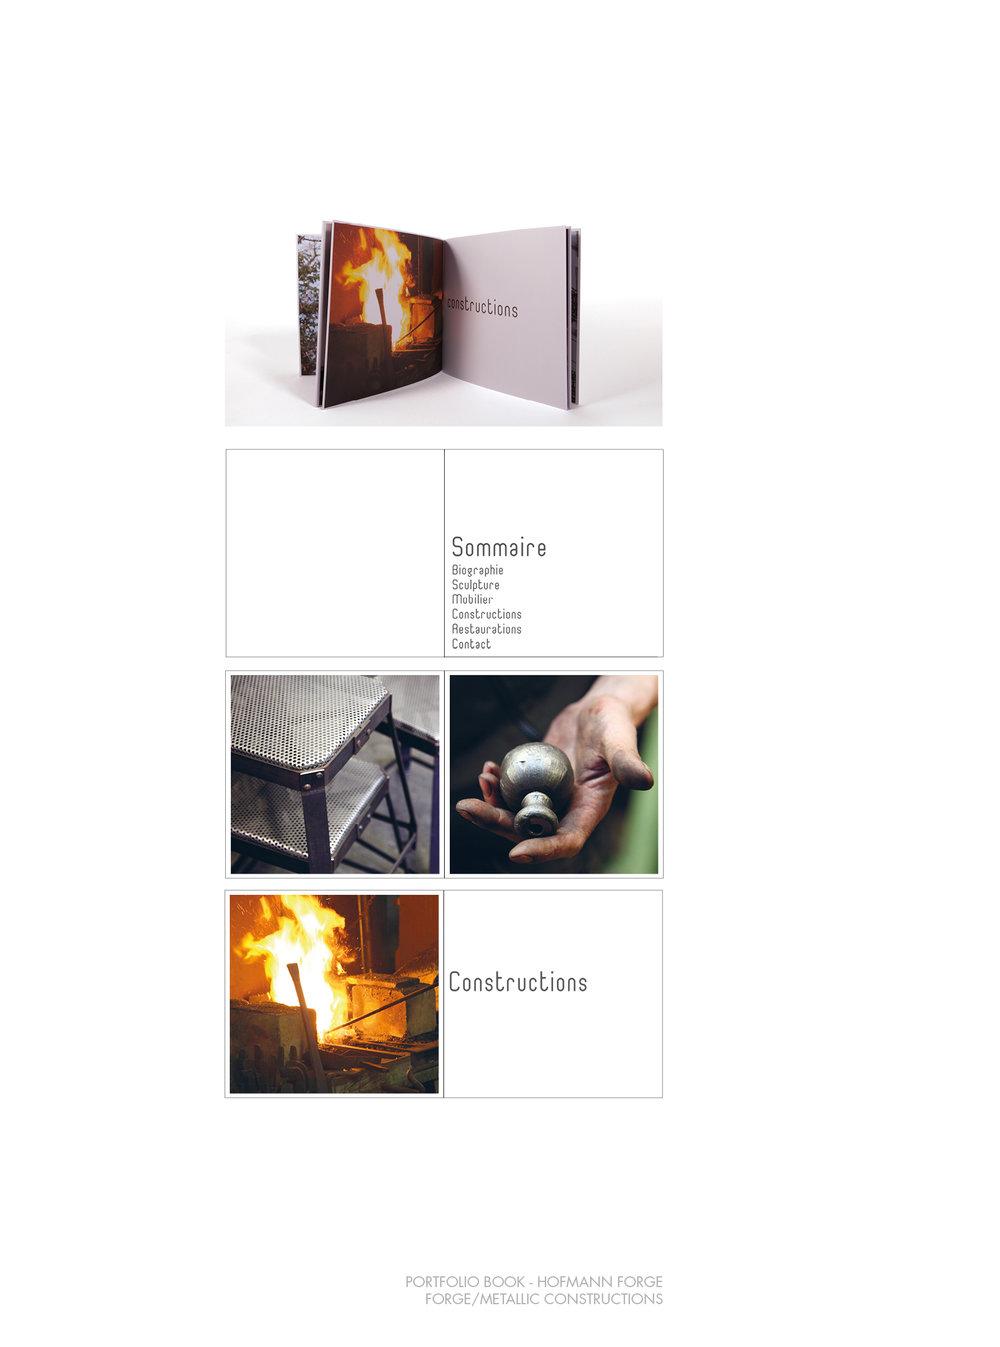 portfolio-graphicdesign-straightlayout7.jpg